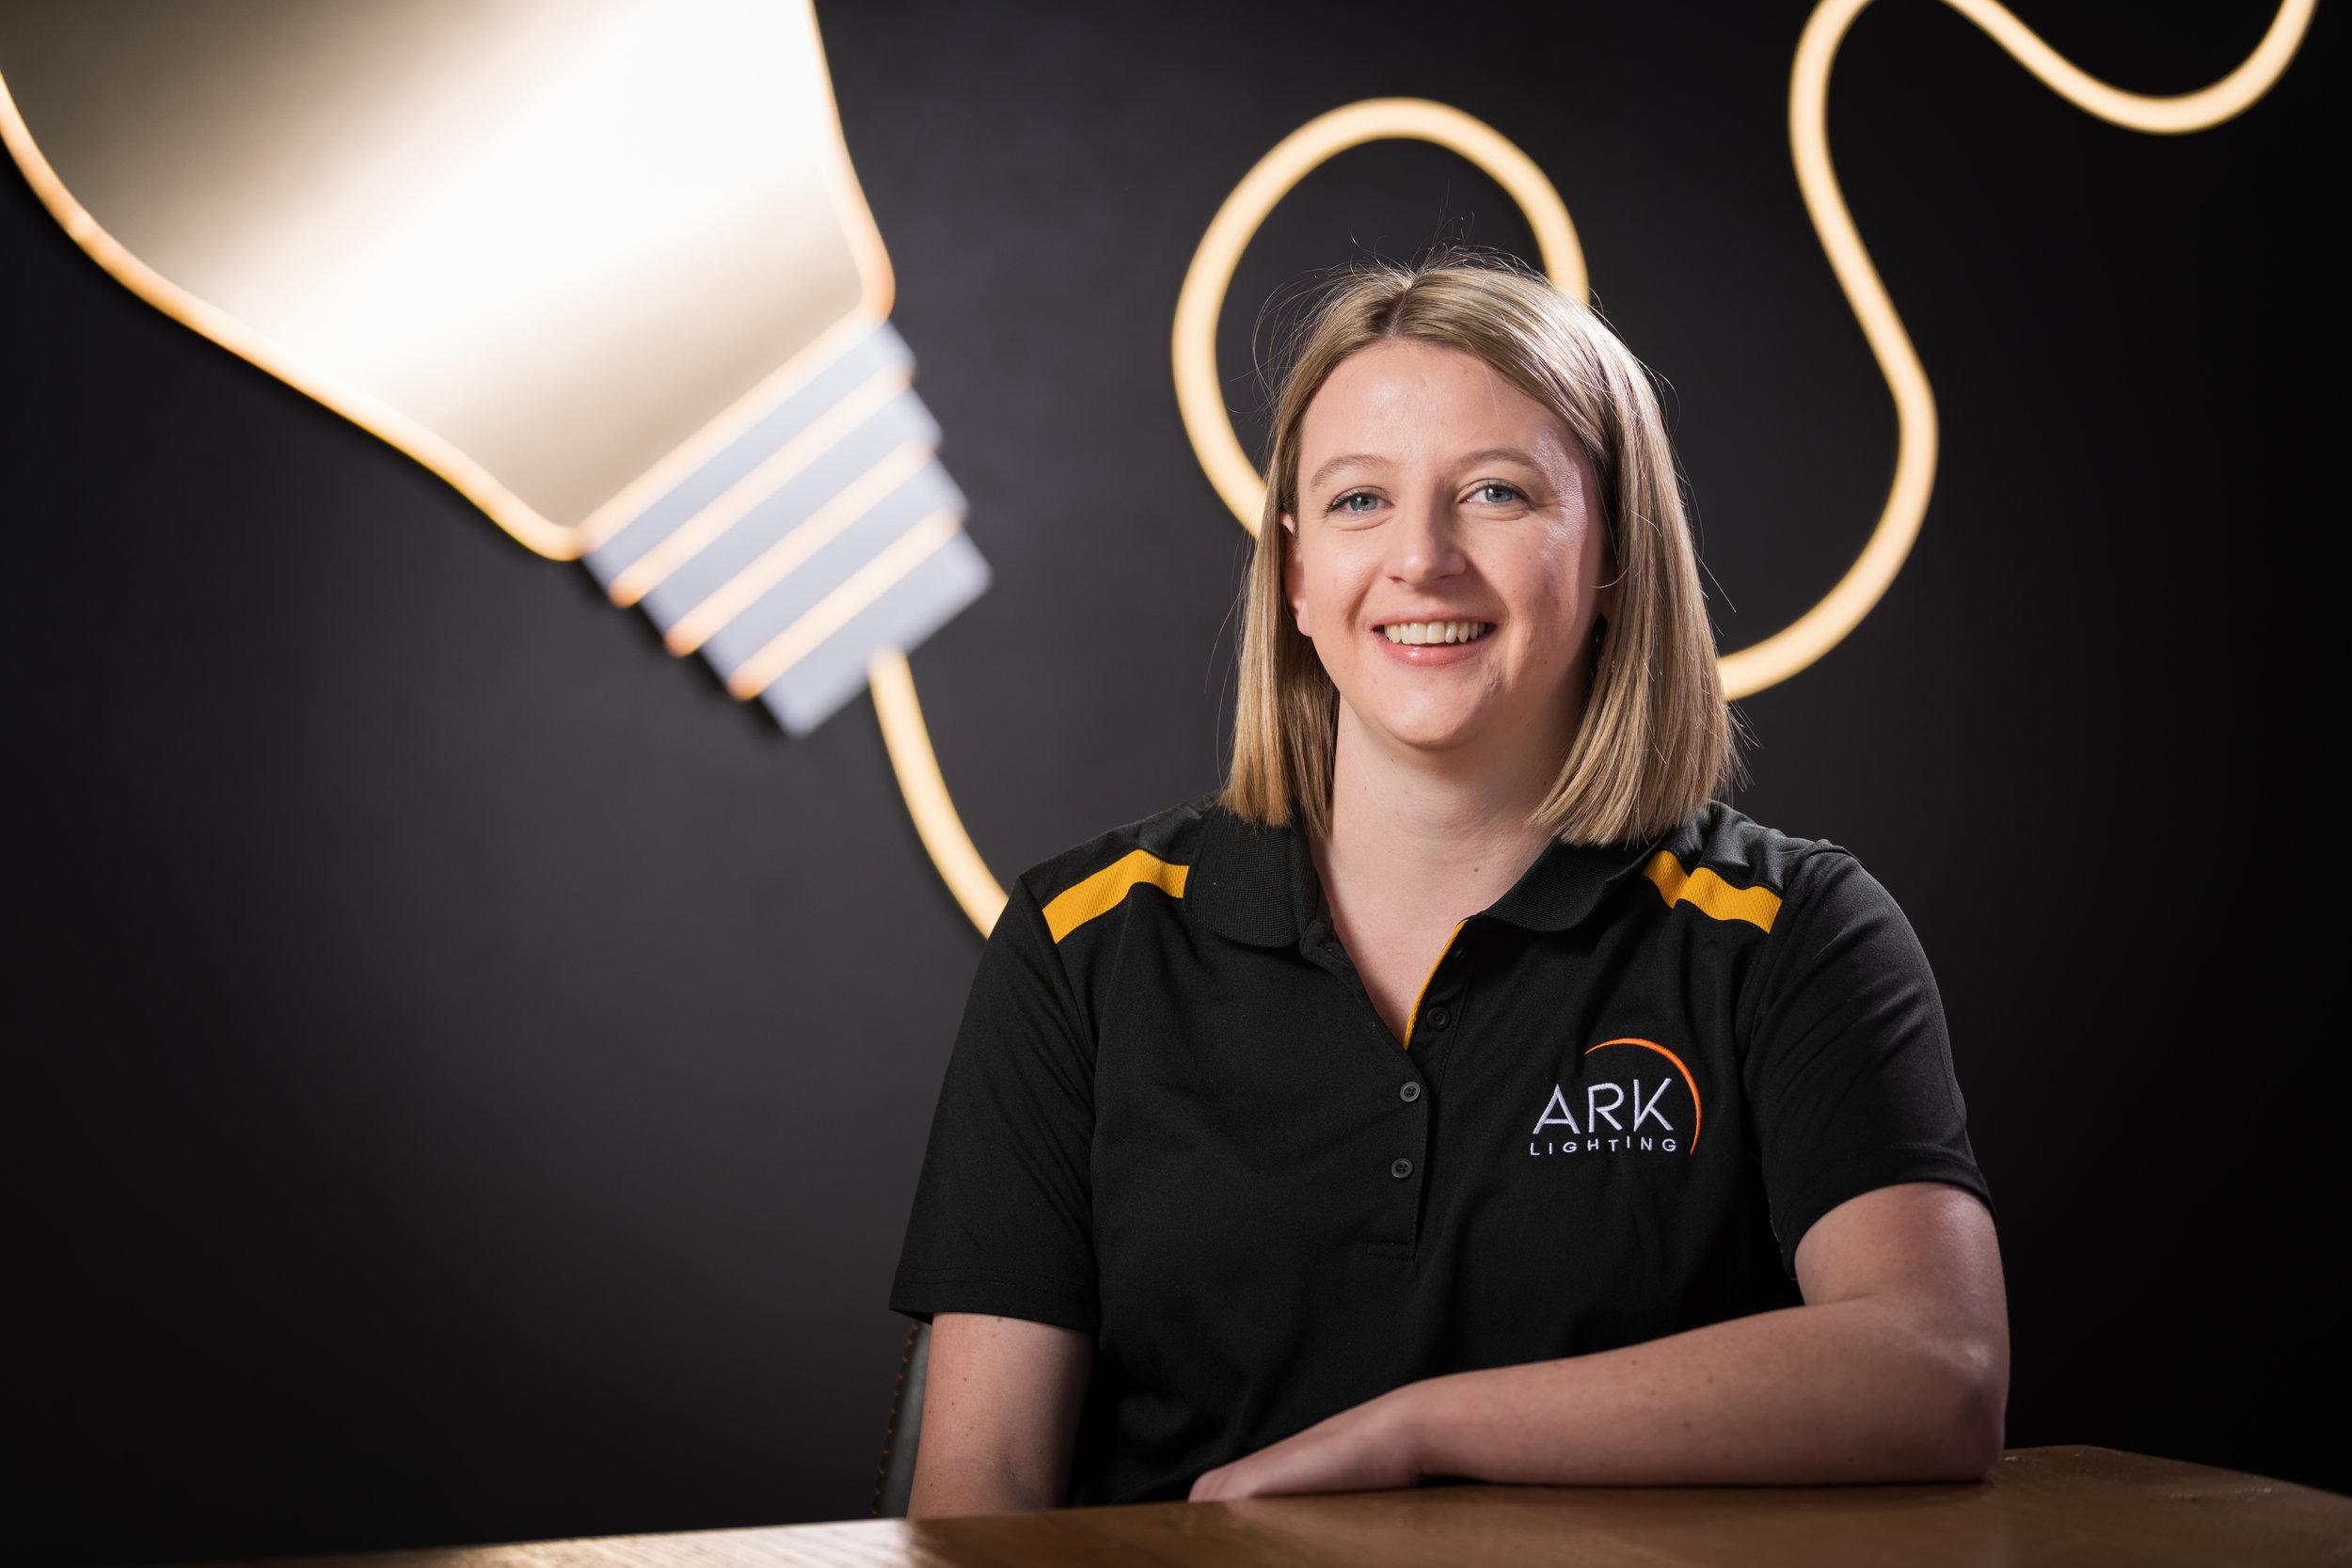 Jenna Little Ark Lighting